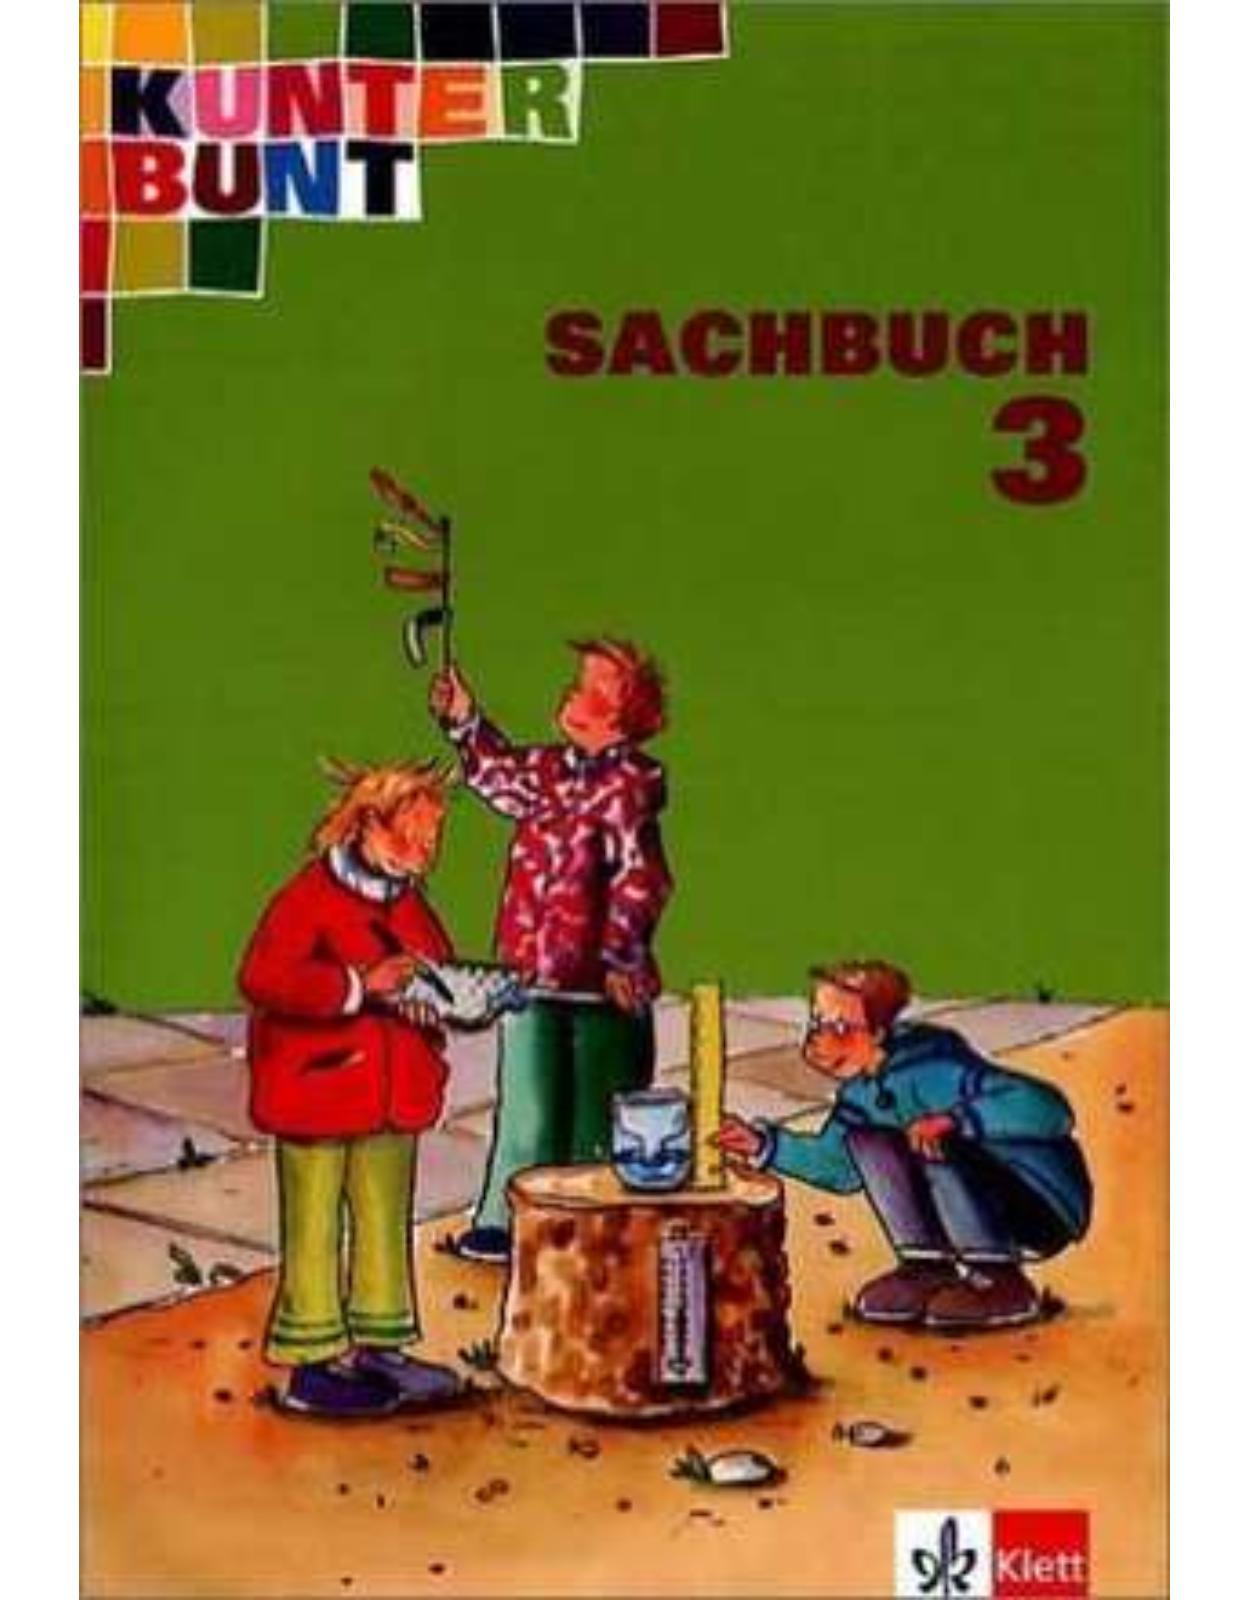 Kunterbunt. Sachbuch 3. Schülerbuch. Neubearbeitung.